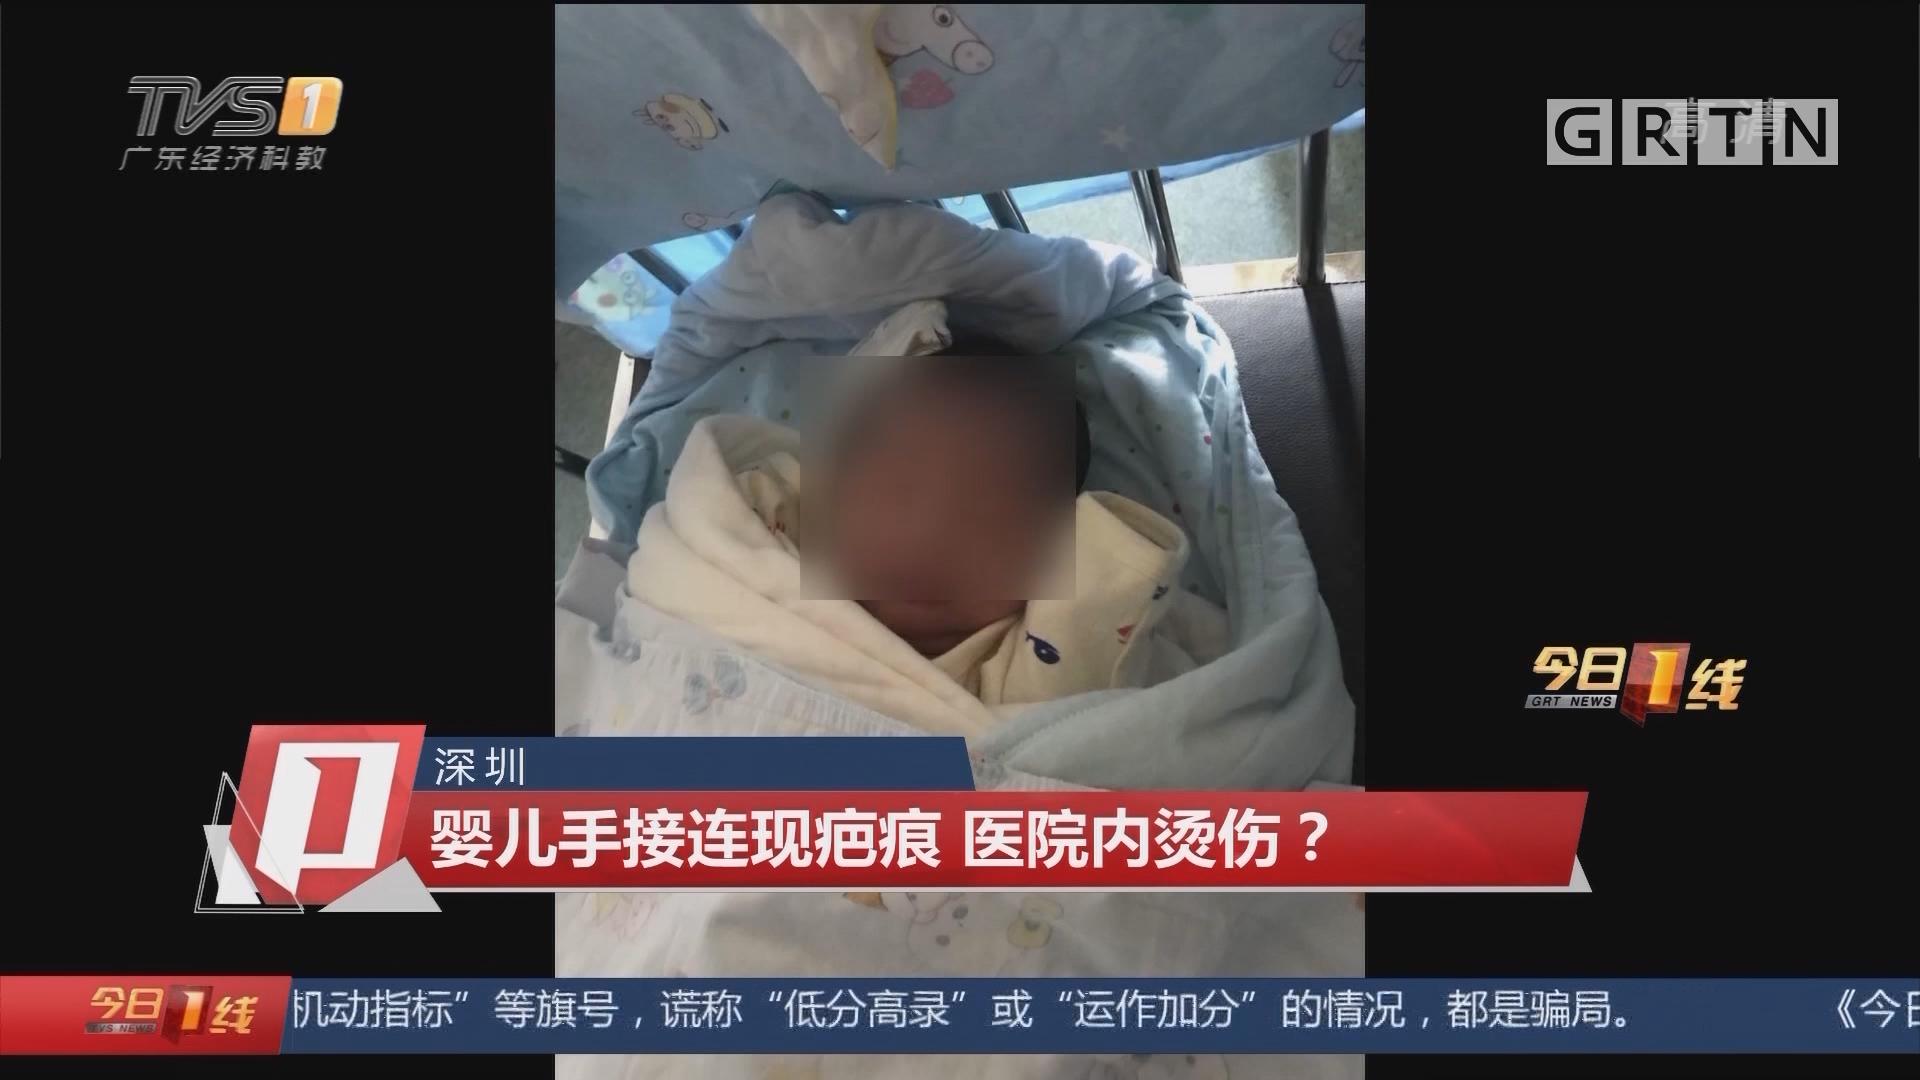 深圳:婴儿手接连现疤痕 医院内烫伤?